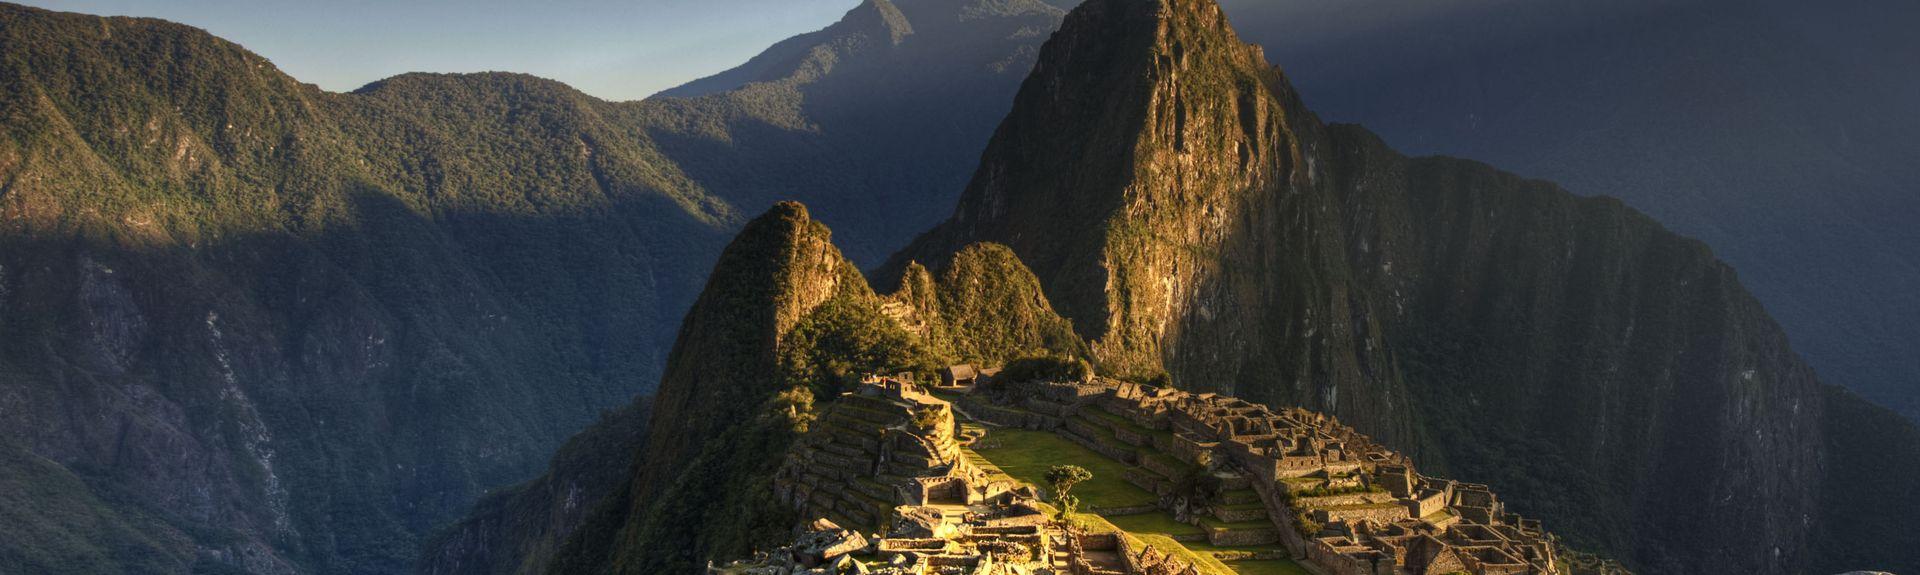 Ollantaytambo, Cusco Region, Peru